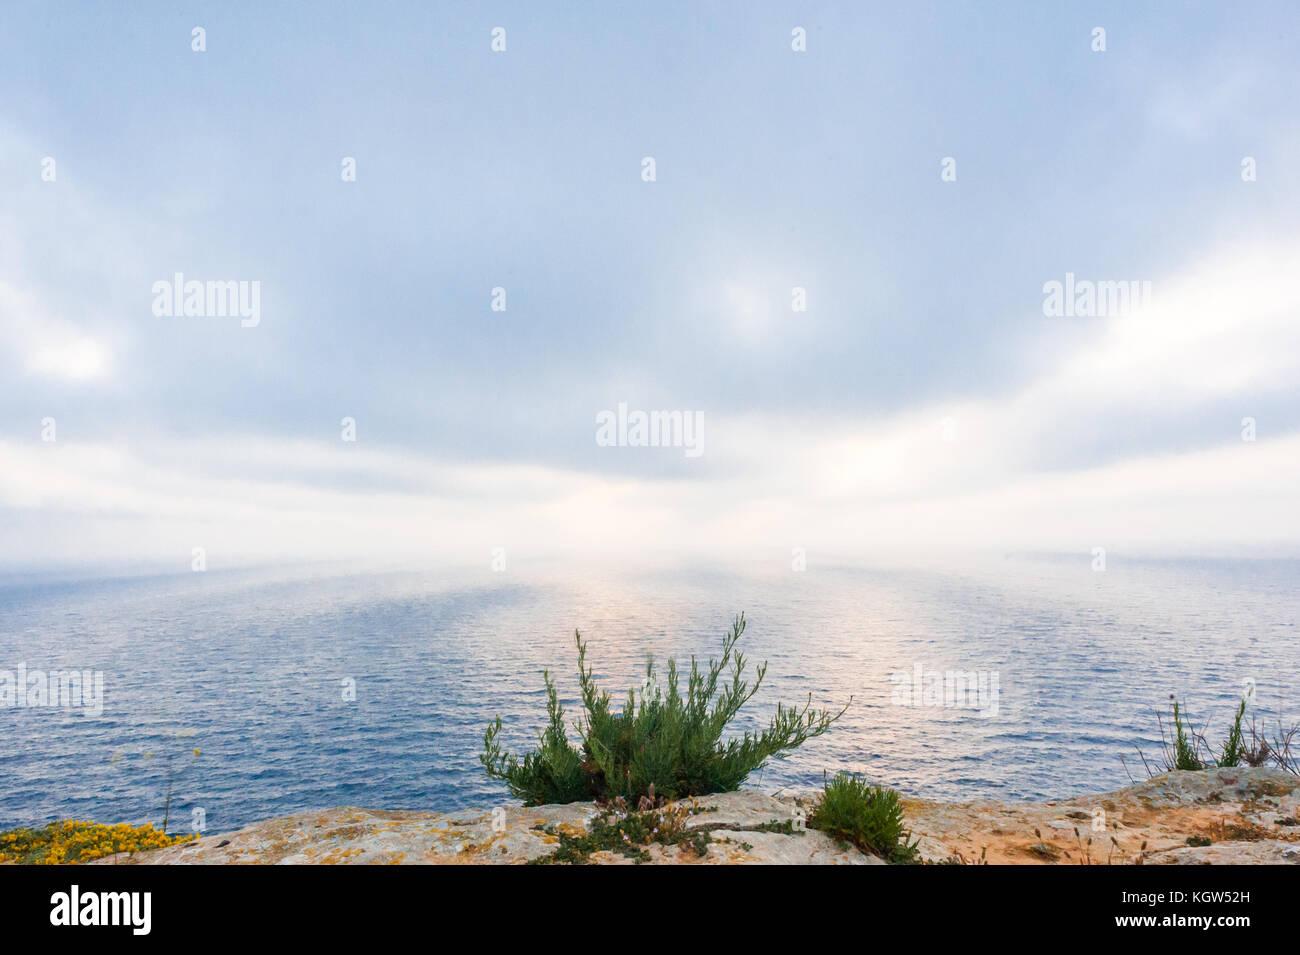 Sea at Dawn - Stock Image